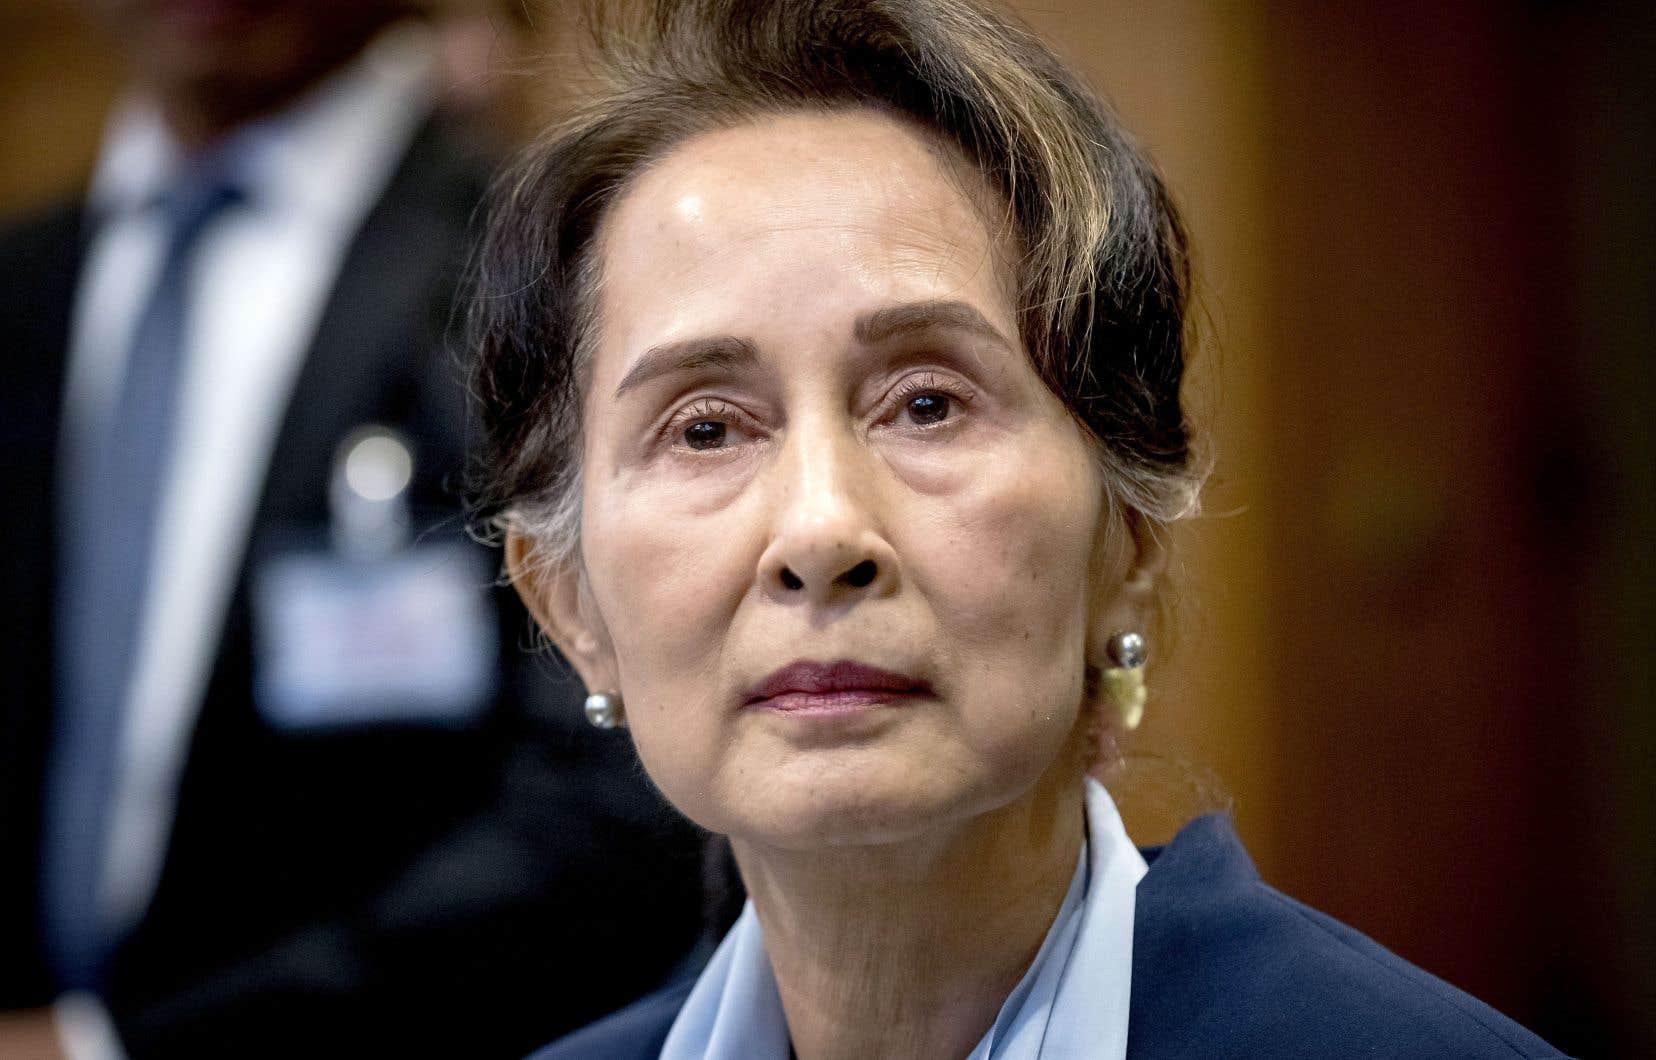 Autrefois saluée par la communauté internationale pour son opposition à la junte militaire myanmaraise, Aung San Suu Kyi, lauréate du prix Nobel de la paix en 1991, se tient désormais du côté de l'armée de l'État de l'Asie du Sud-Est.